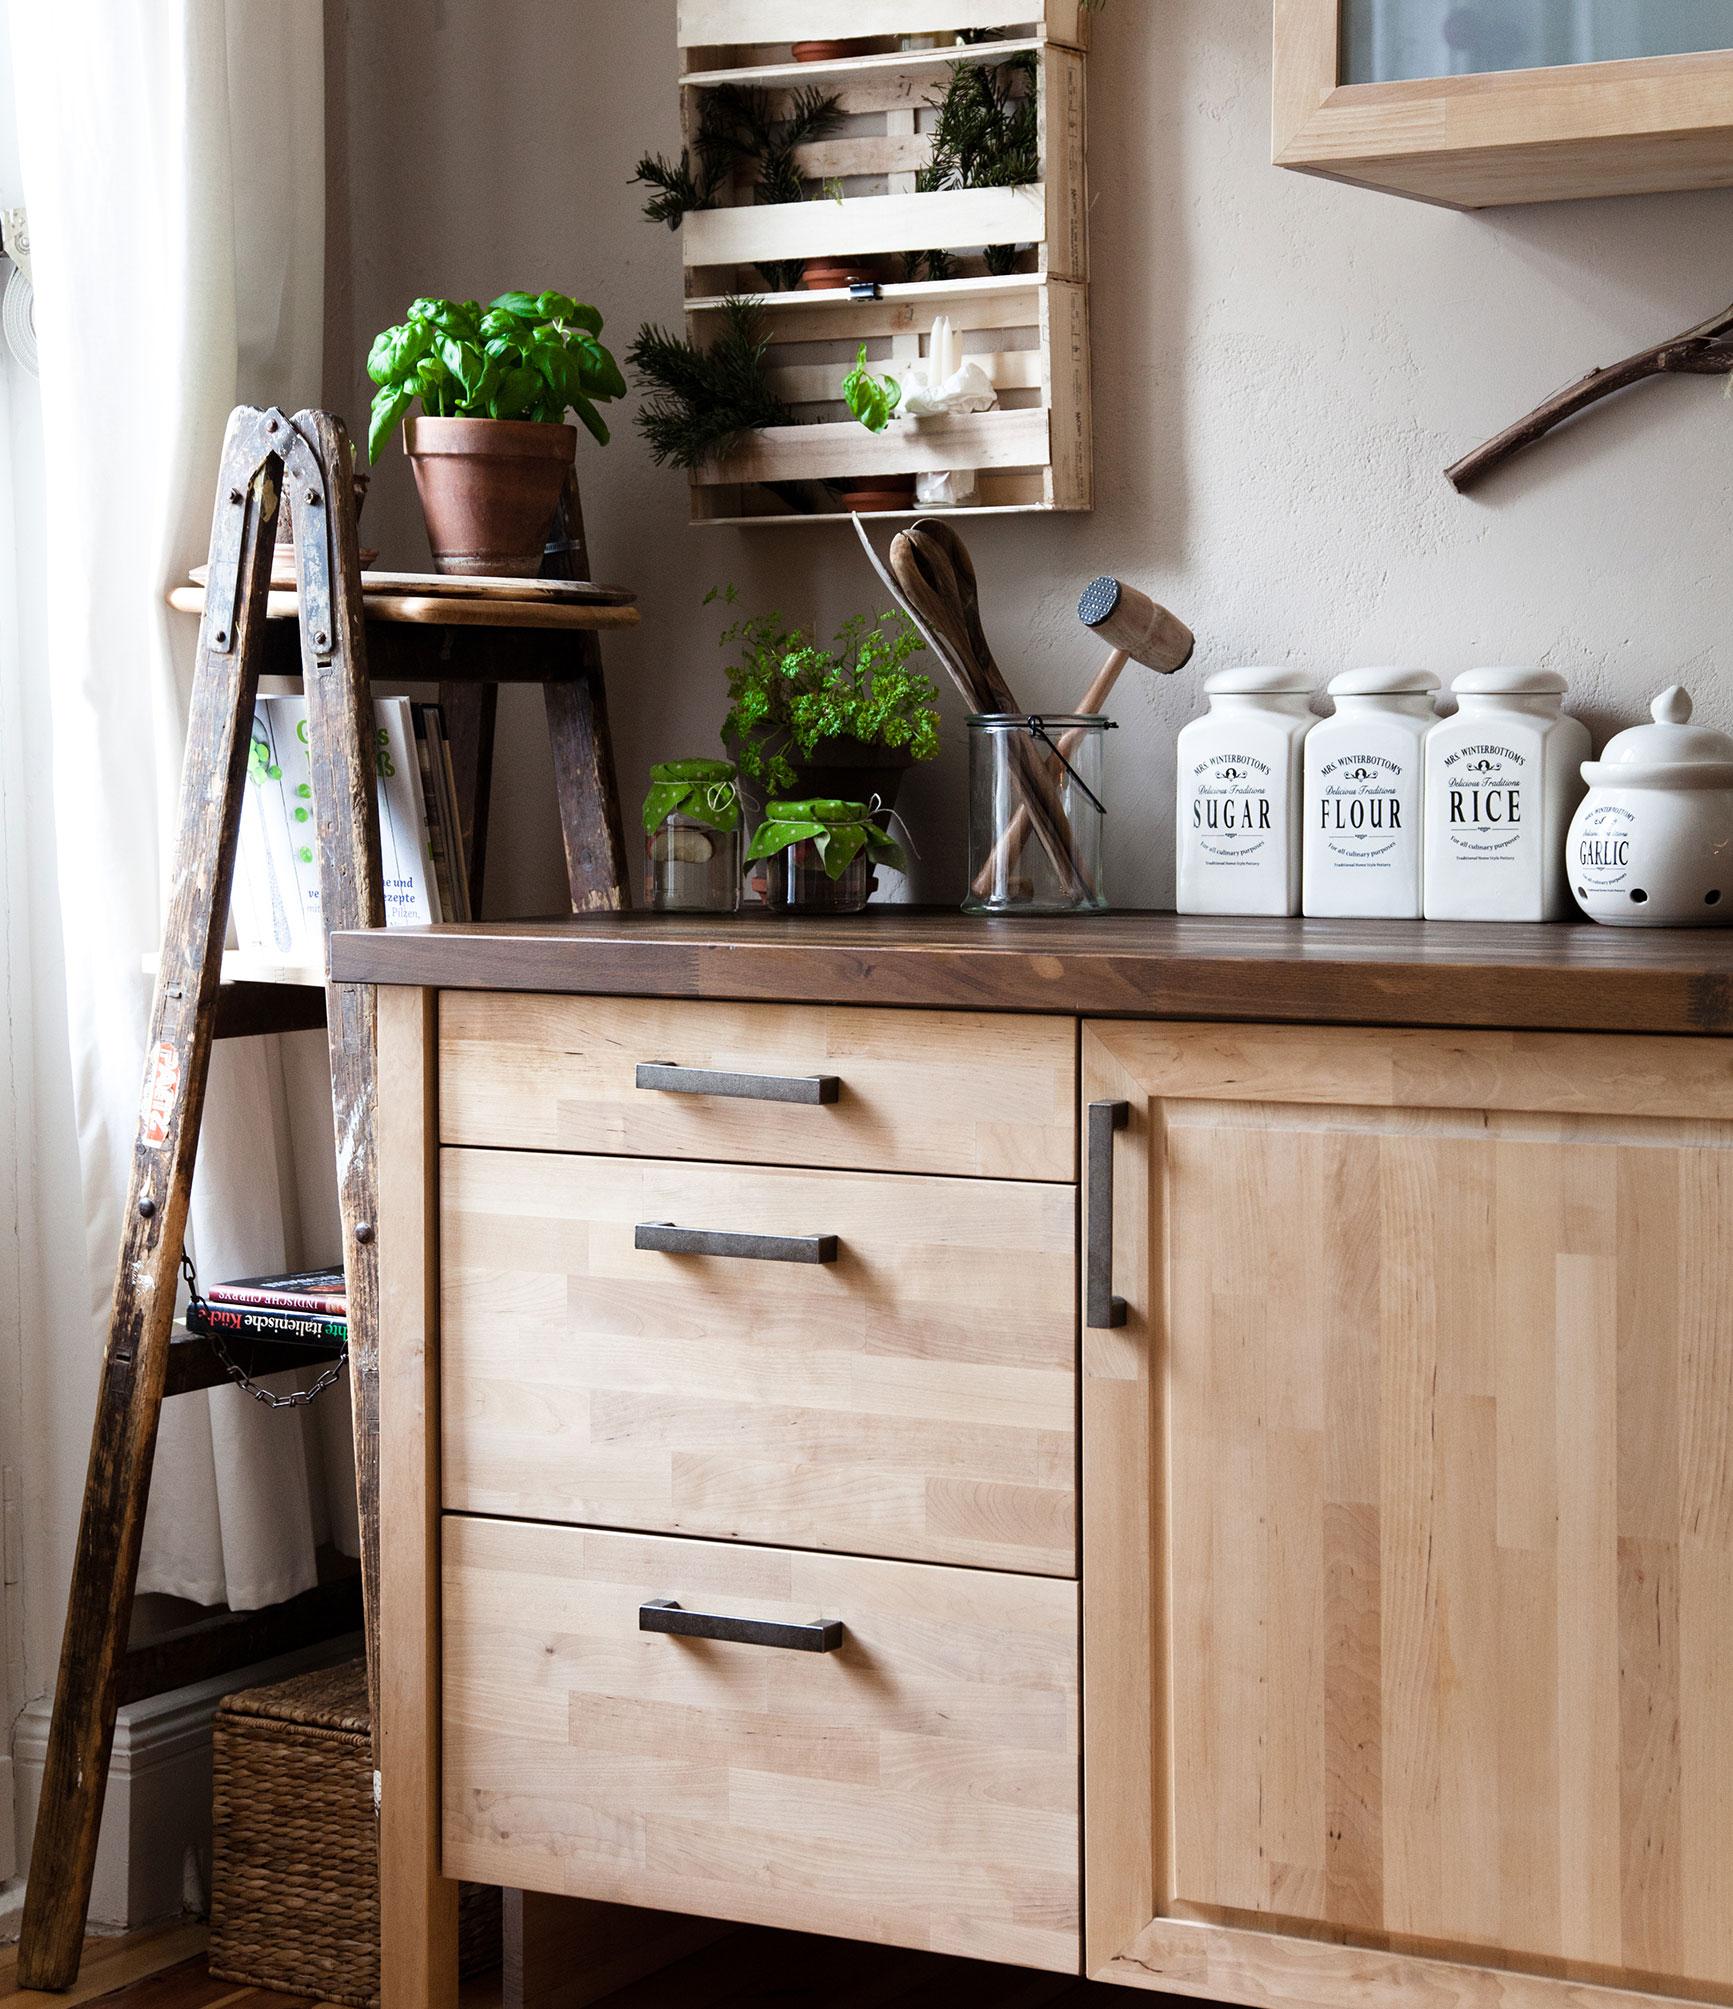 Küchenmöbel mit natürlichen Ressourcen und fairer Arbeit